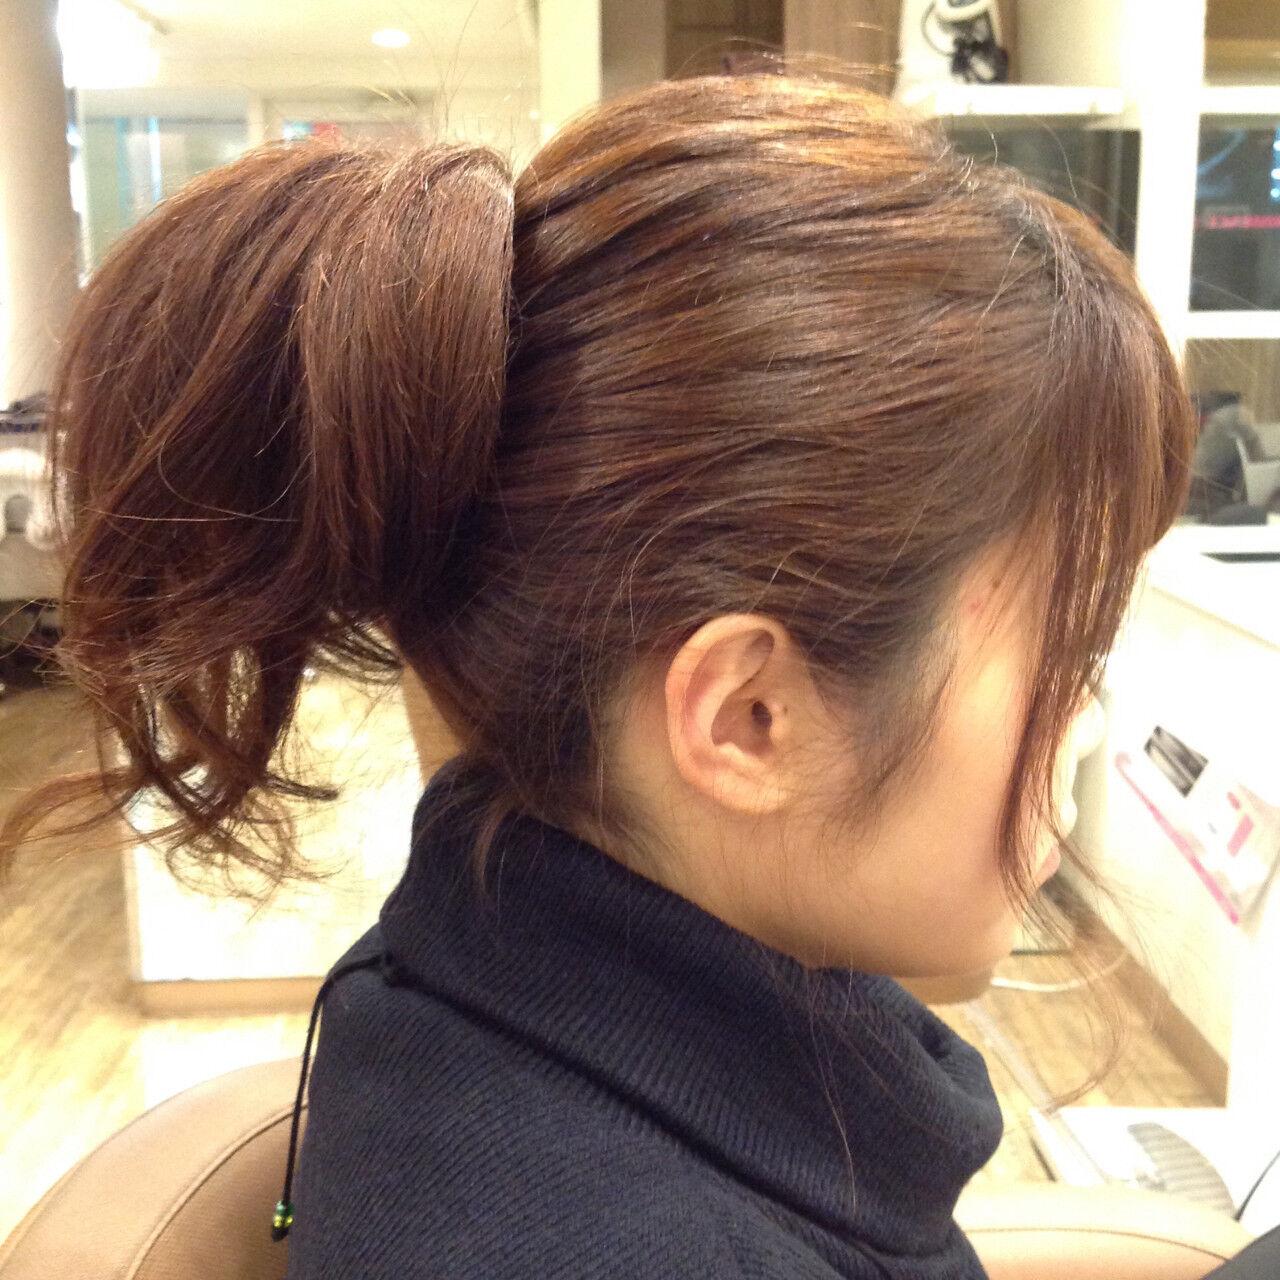 逆りんぱ 簡単ヘアアレンジ 大人かわいい ミディアムヘアスタイルや髪型の写真・画像